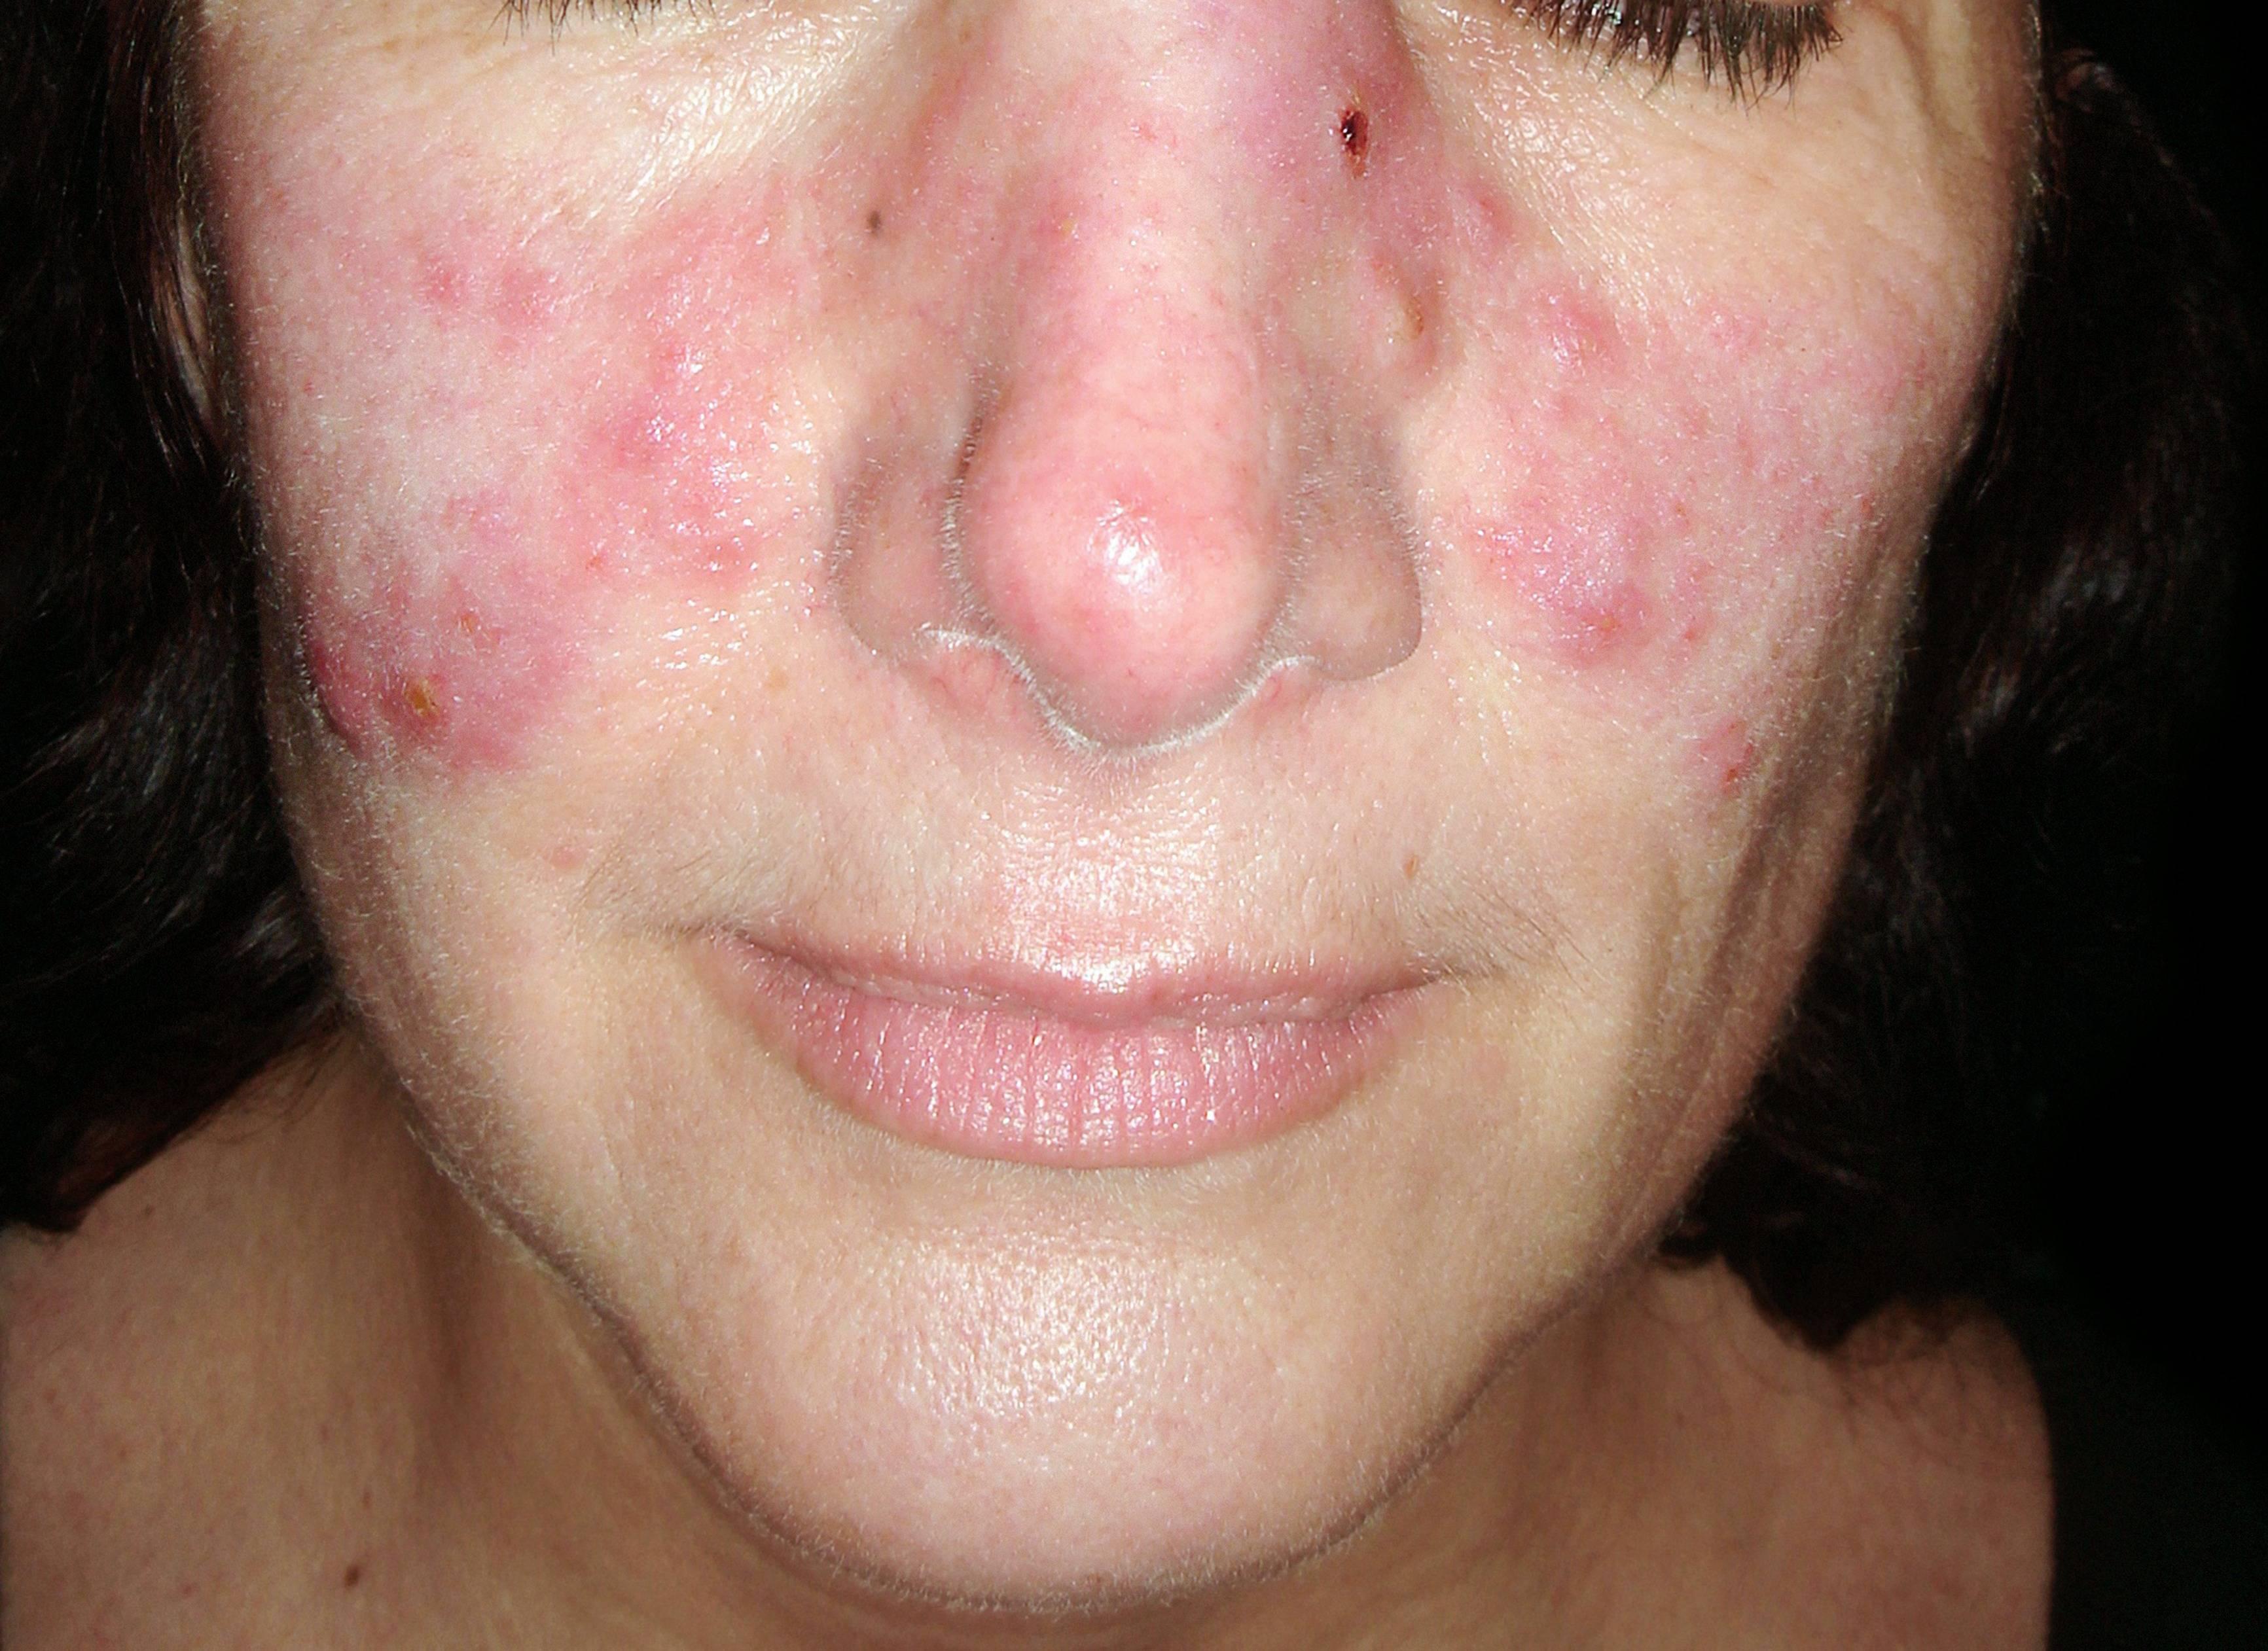 vörös foltok az arcon kiütés formájában